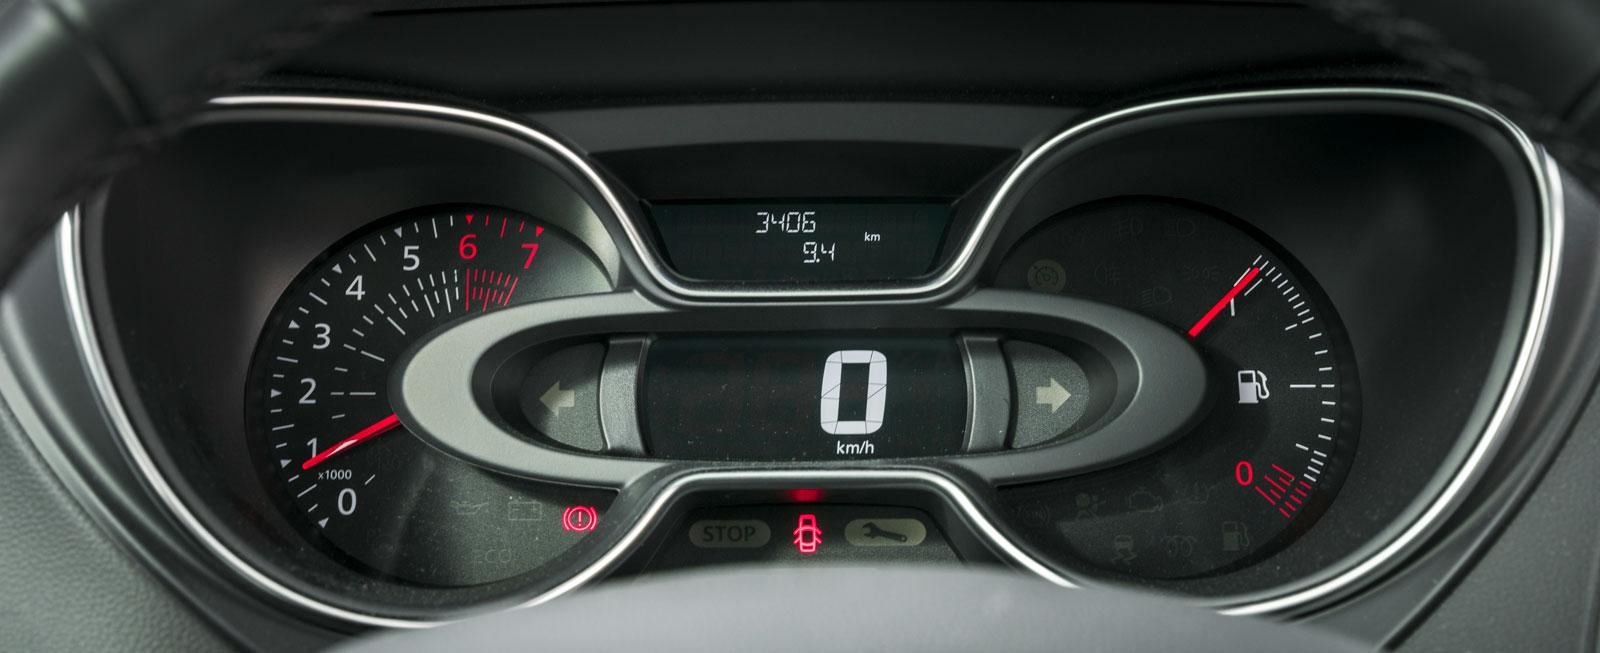 Renault har en lite annorlunda instrumentuppsättning.Hastighetsmätaren är digital och omges av två analoga mätare, en för bränslet och en för varvtalet. Högst upp syns färddatorns minimala display.